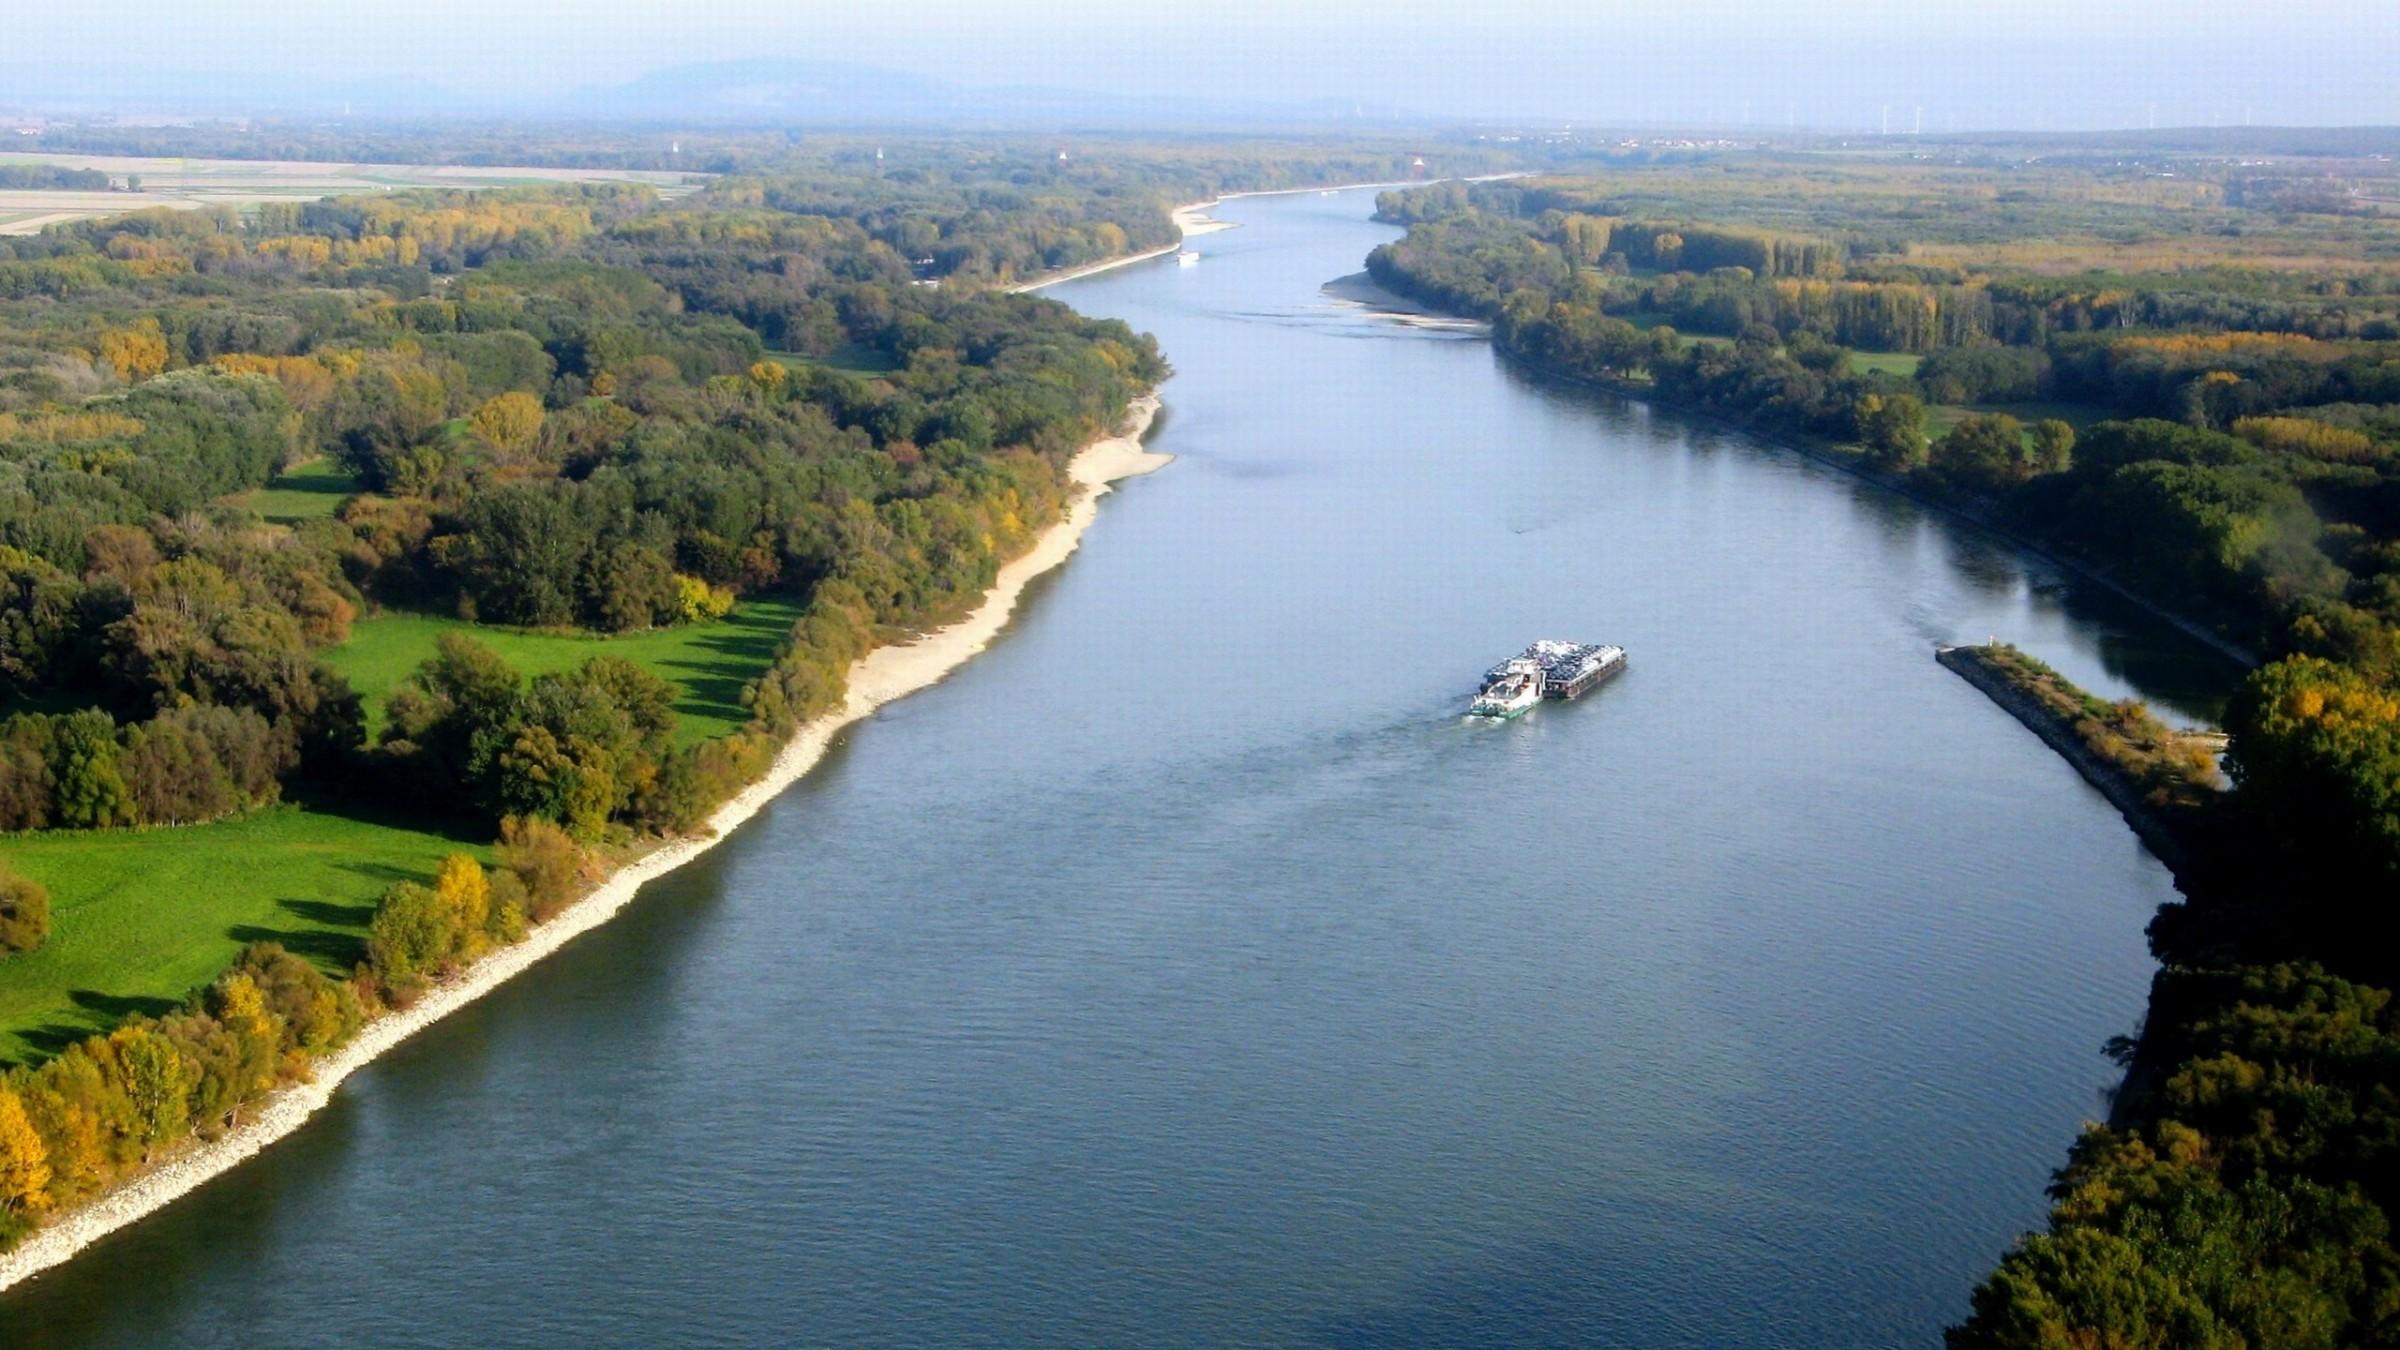 delta dunav rumunija